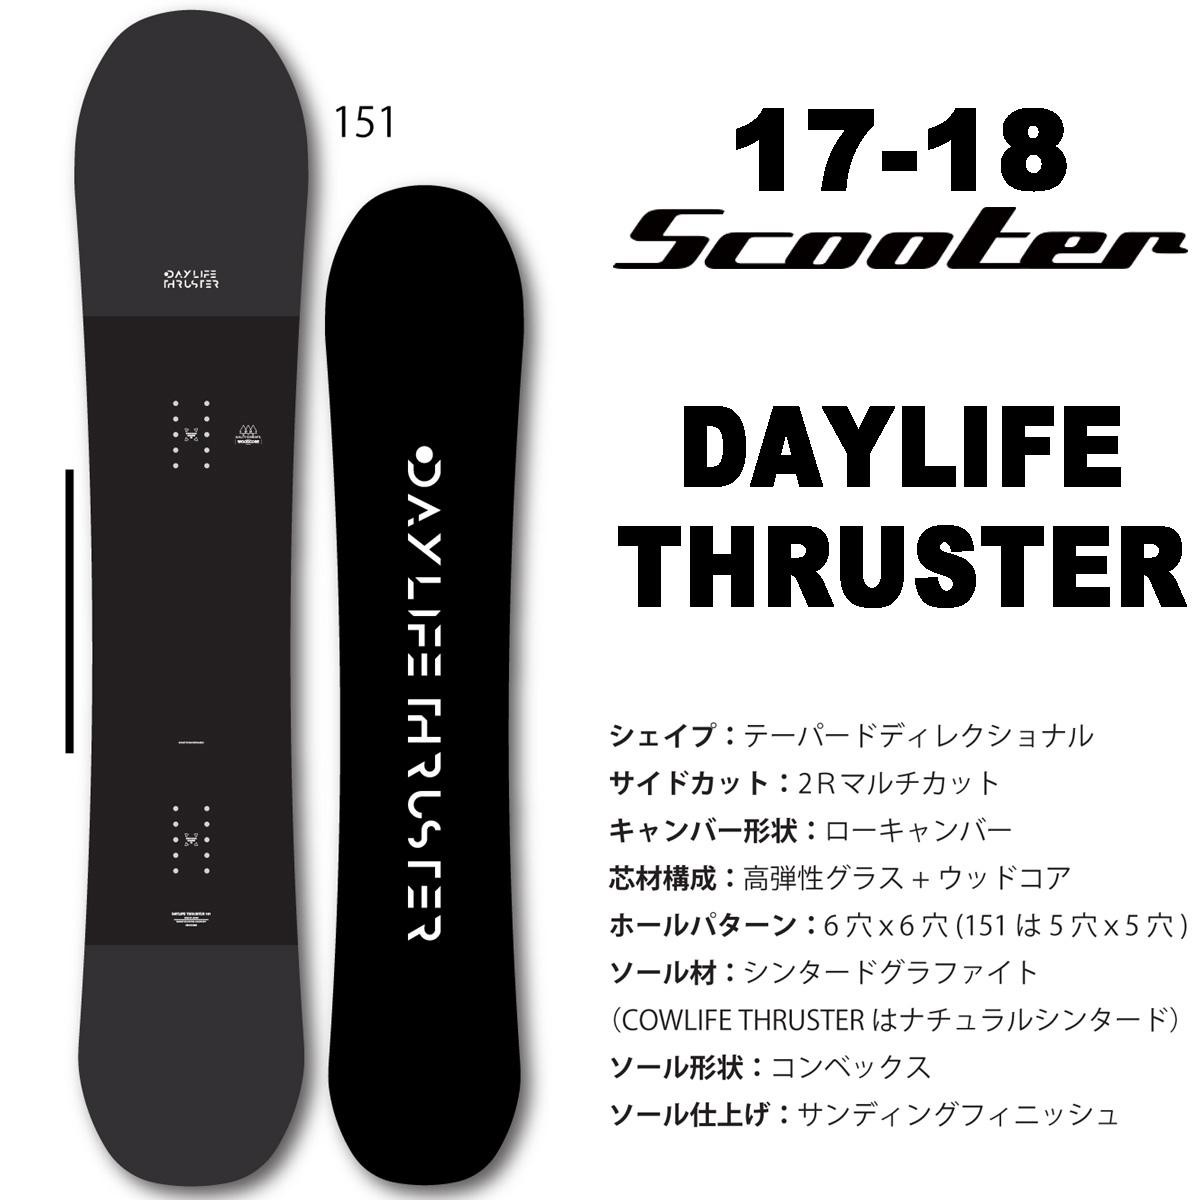 17-18 SCOOTER DAYLIFE-THRUSTER/17-18 スクーター DAYLIFE-THRUSTER/SCOOTER キャンバー/SCOOTER スノーボード/スクーター スノーボード/デイライフ スラスター/151